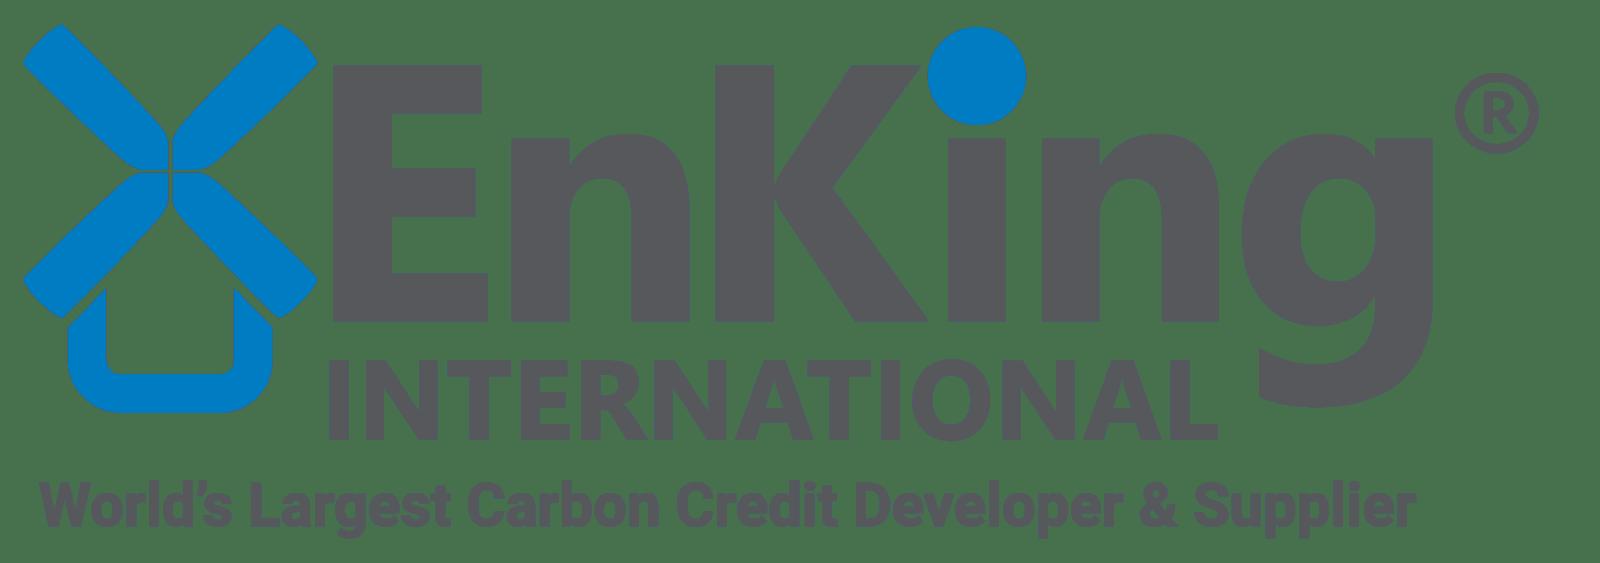 Enking International